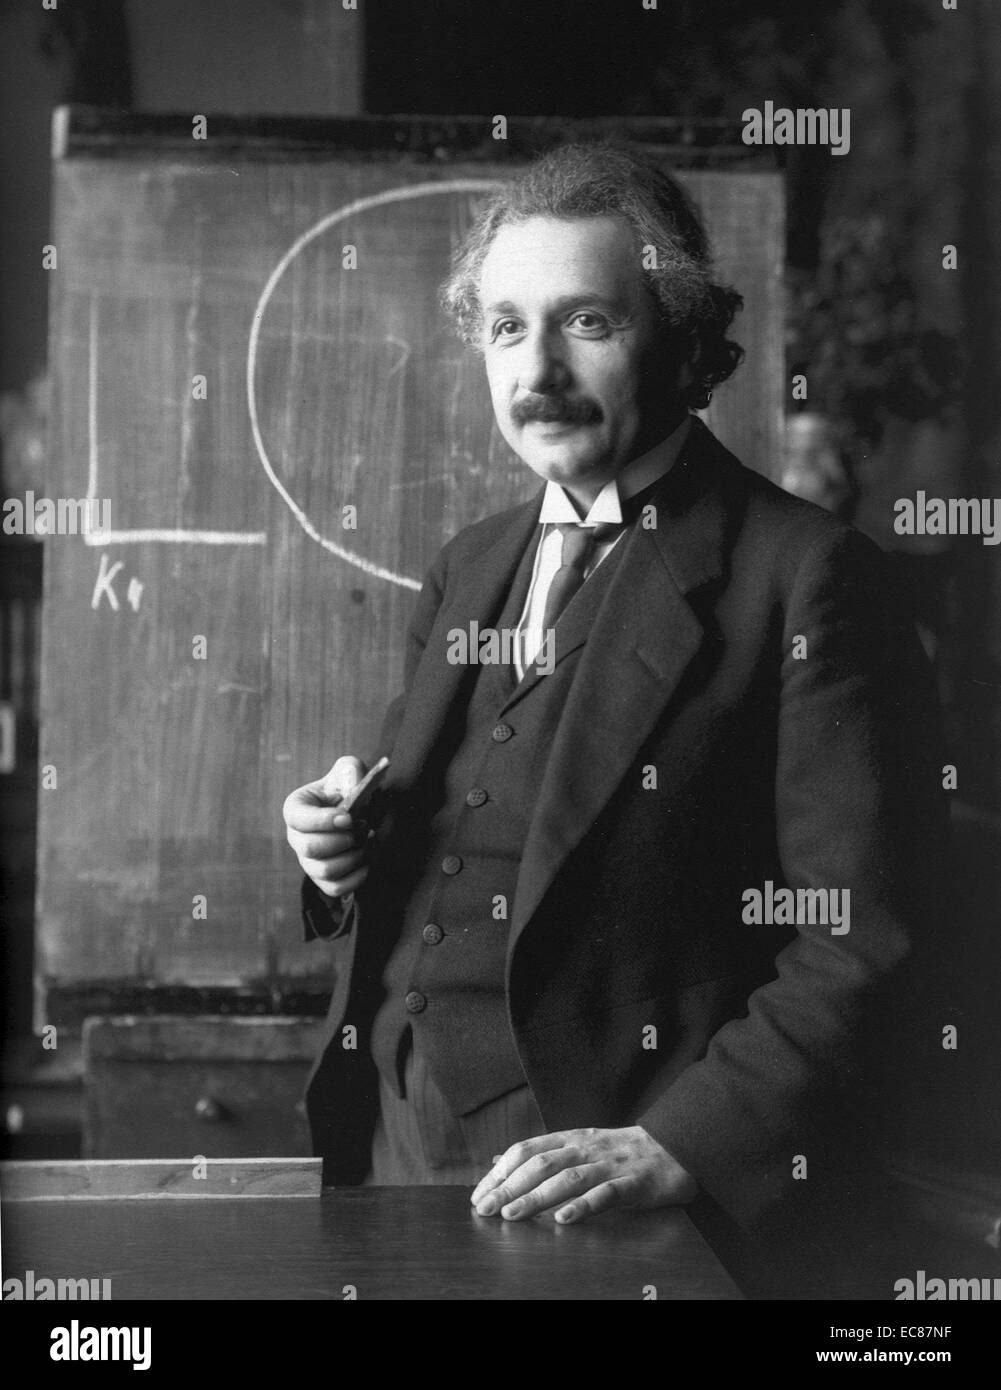 Foto von Albert Einstein (1879-1955) deutsch-stämmige theoretischer Physiker und Wissenschaftstheoretiker. Datiert Stockfoto